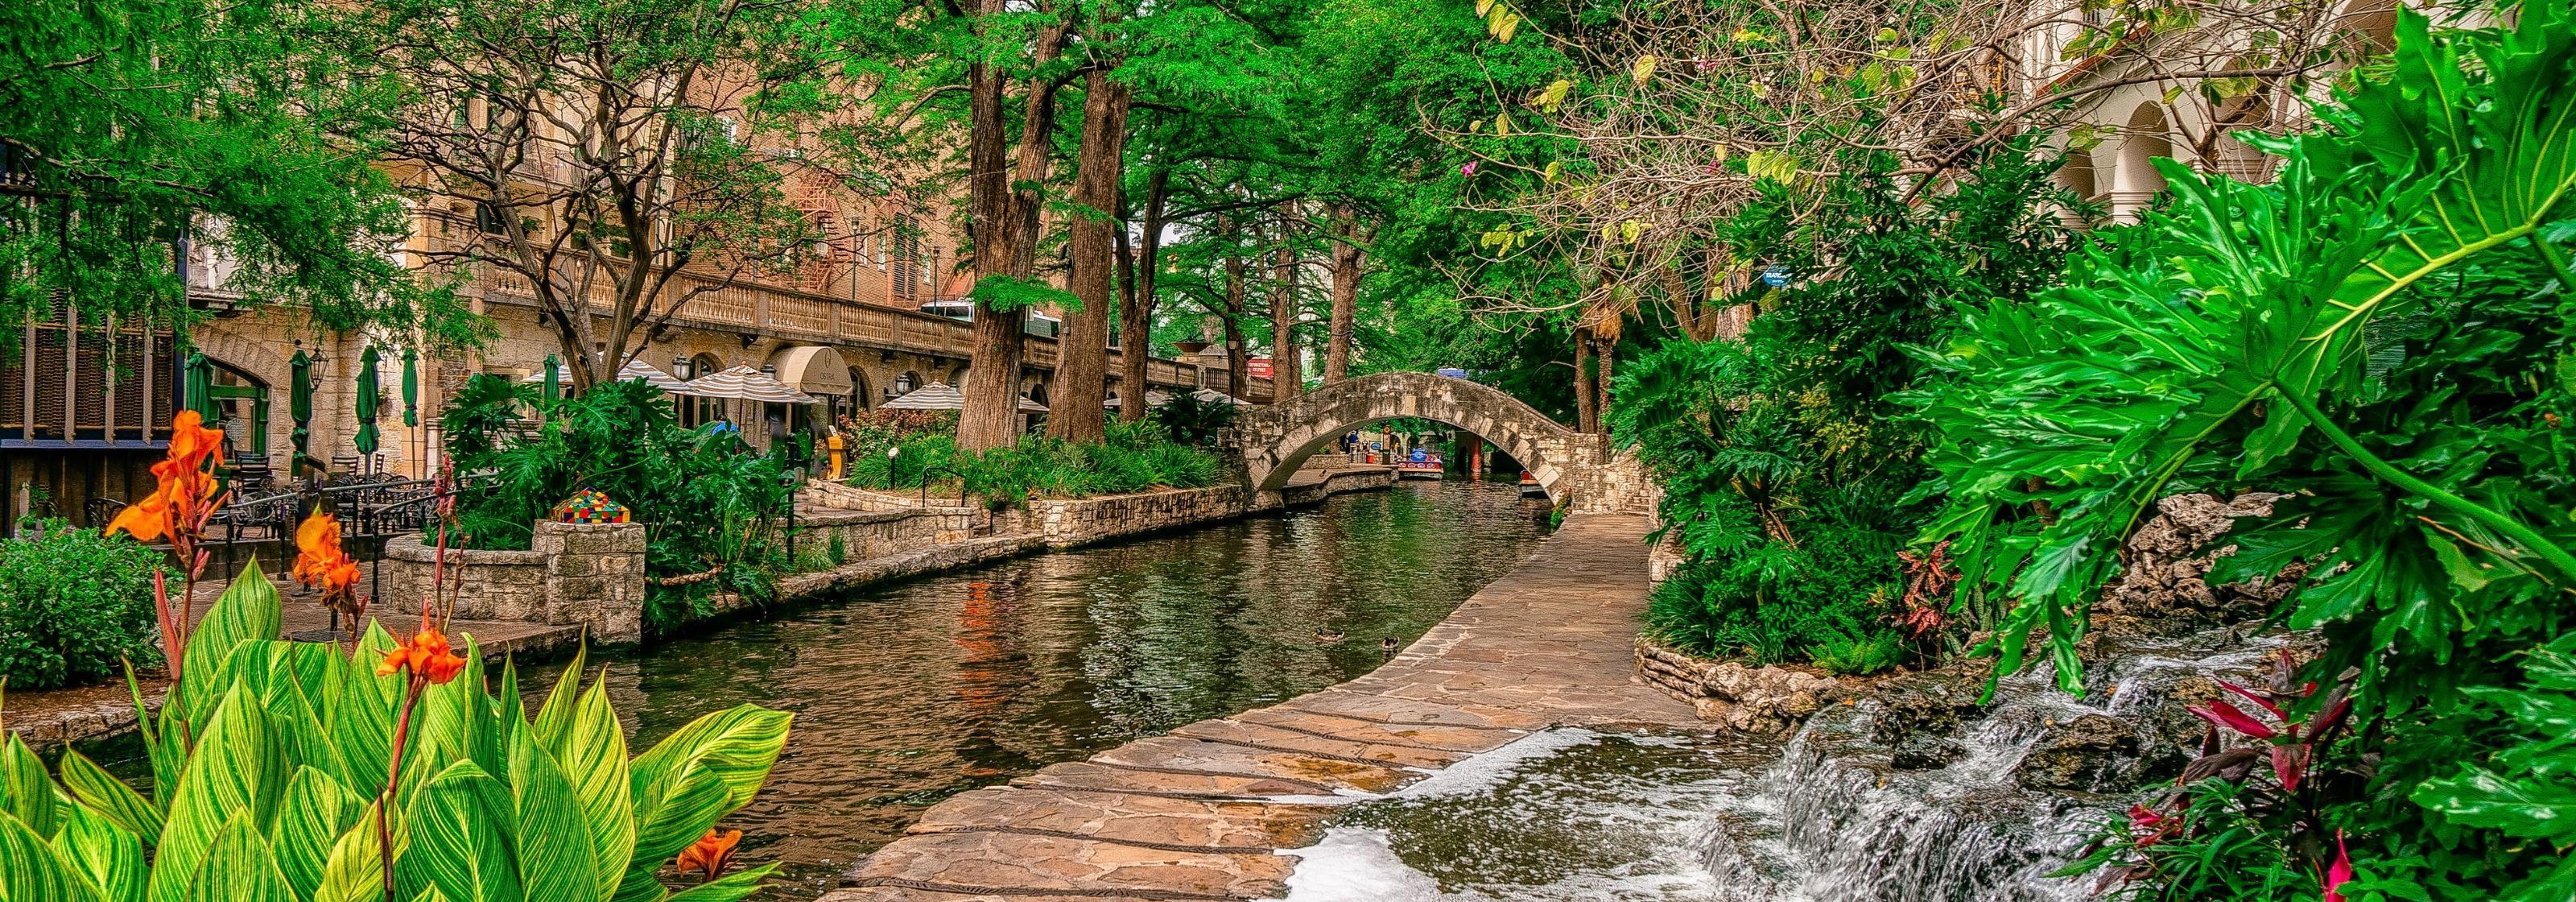 Cosas que hacer en San Antonio